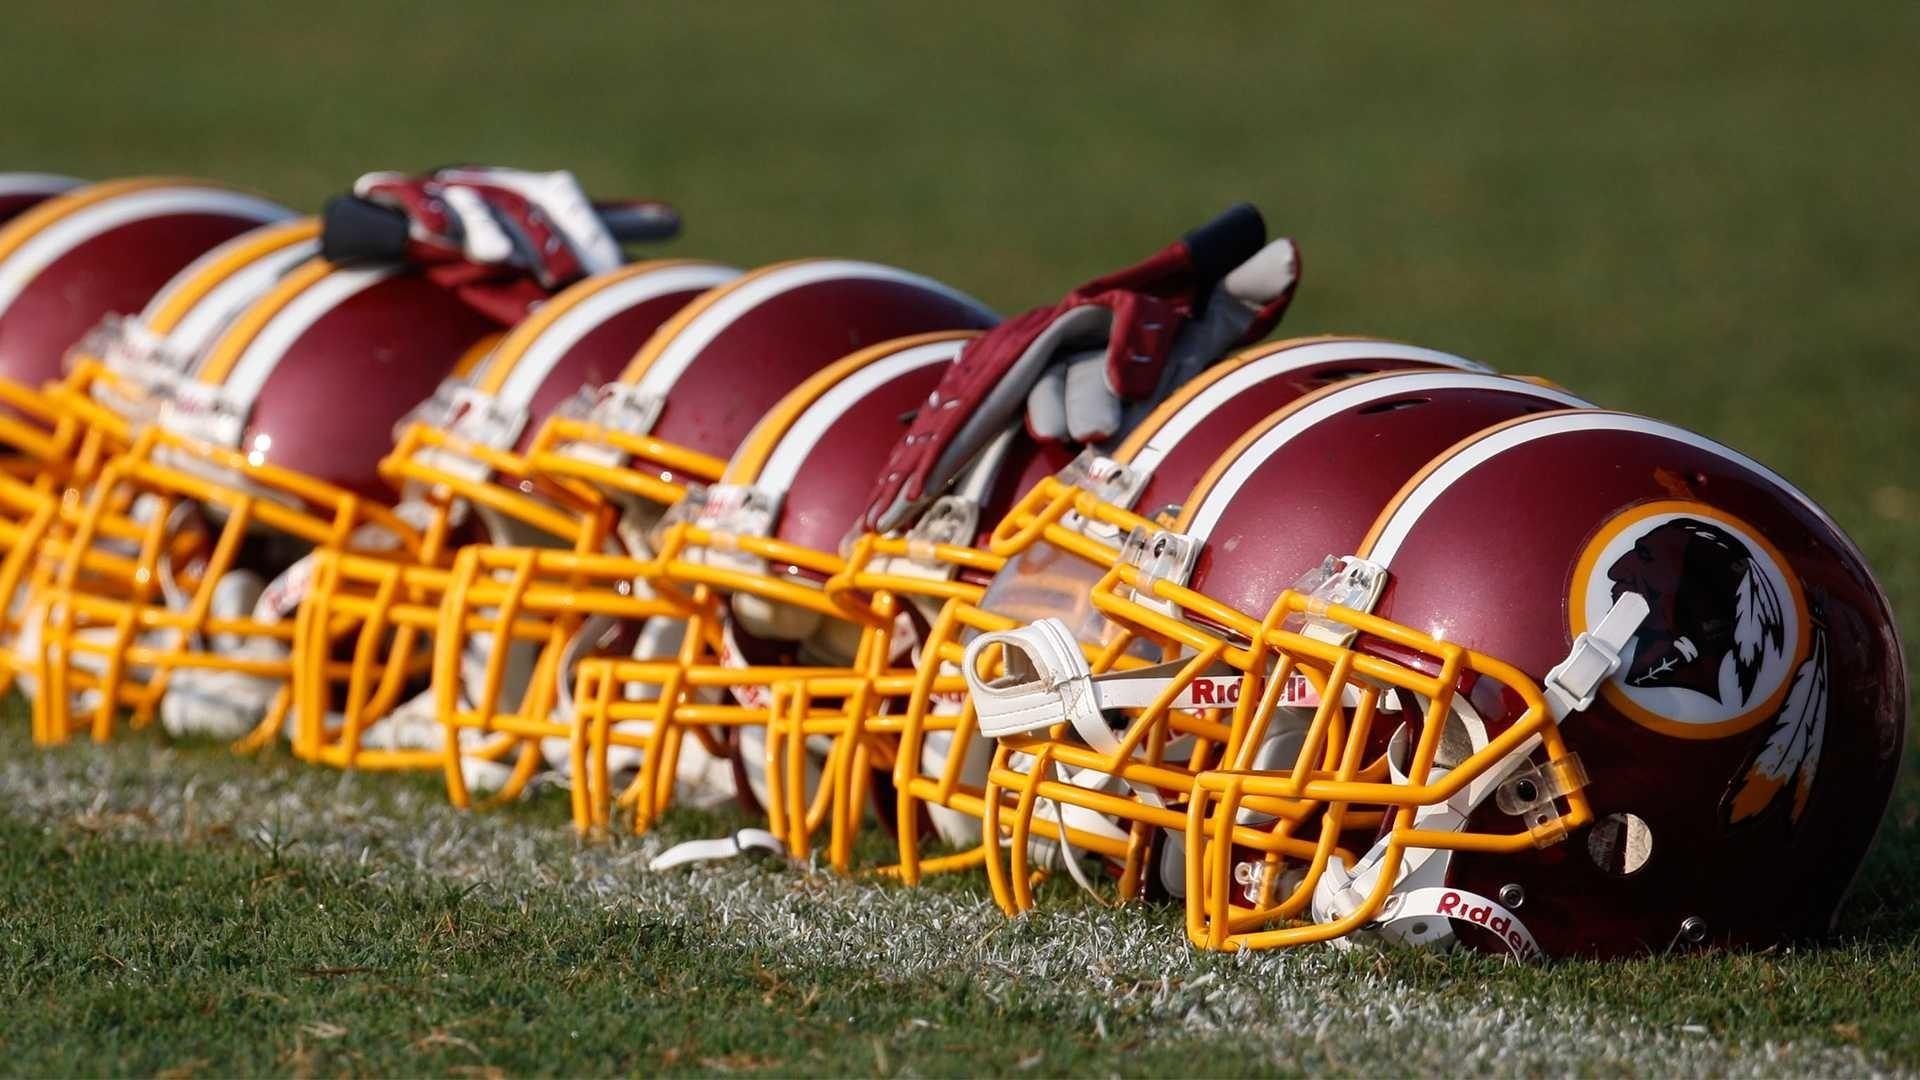 Redskins Background